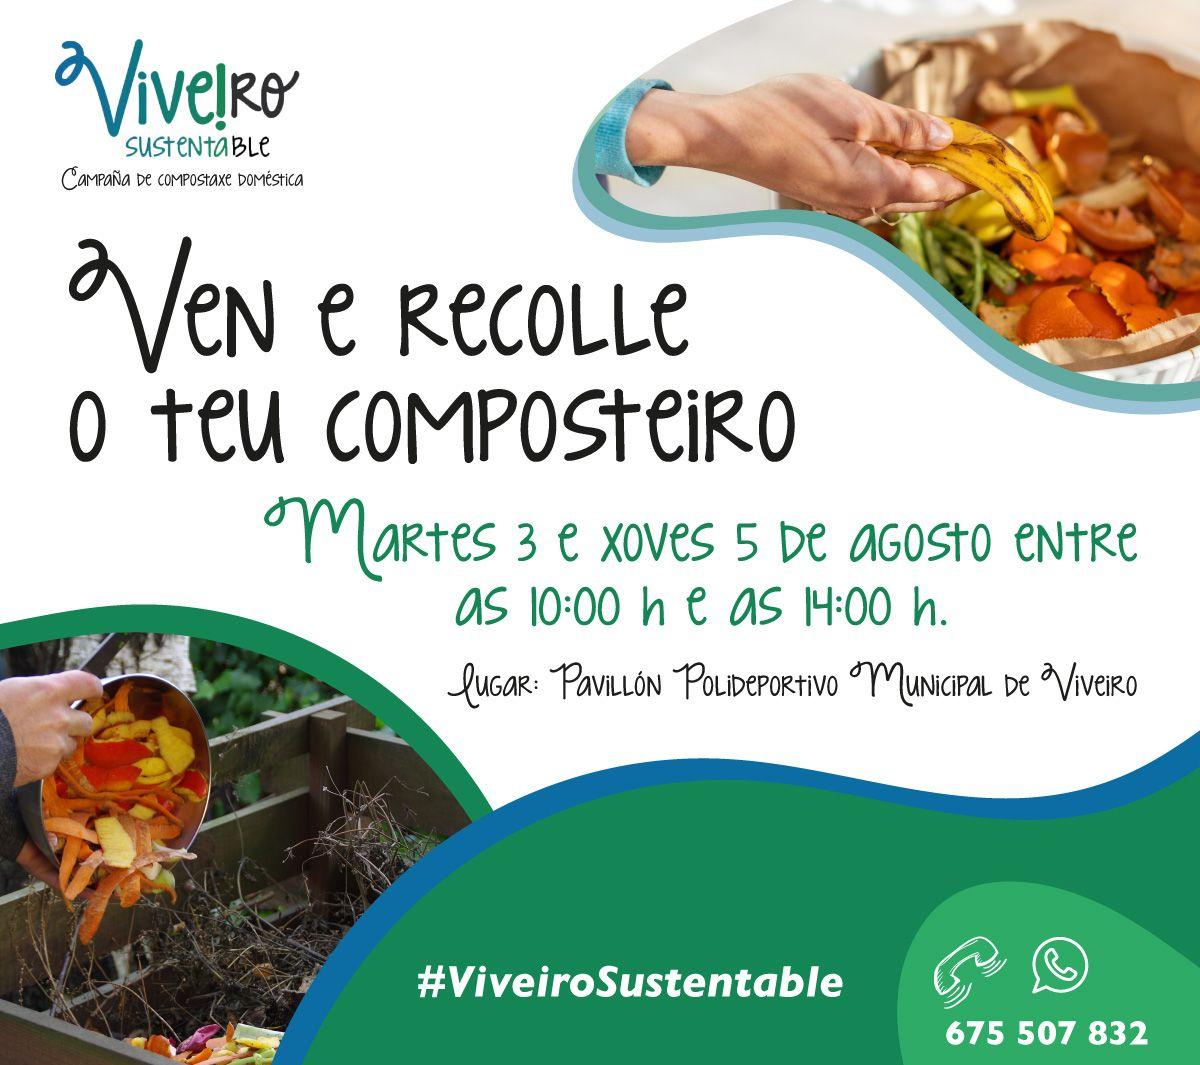 Viveiro Sutentable márcase como obxectivo chegar a 300 familias